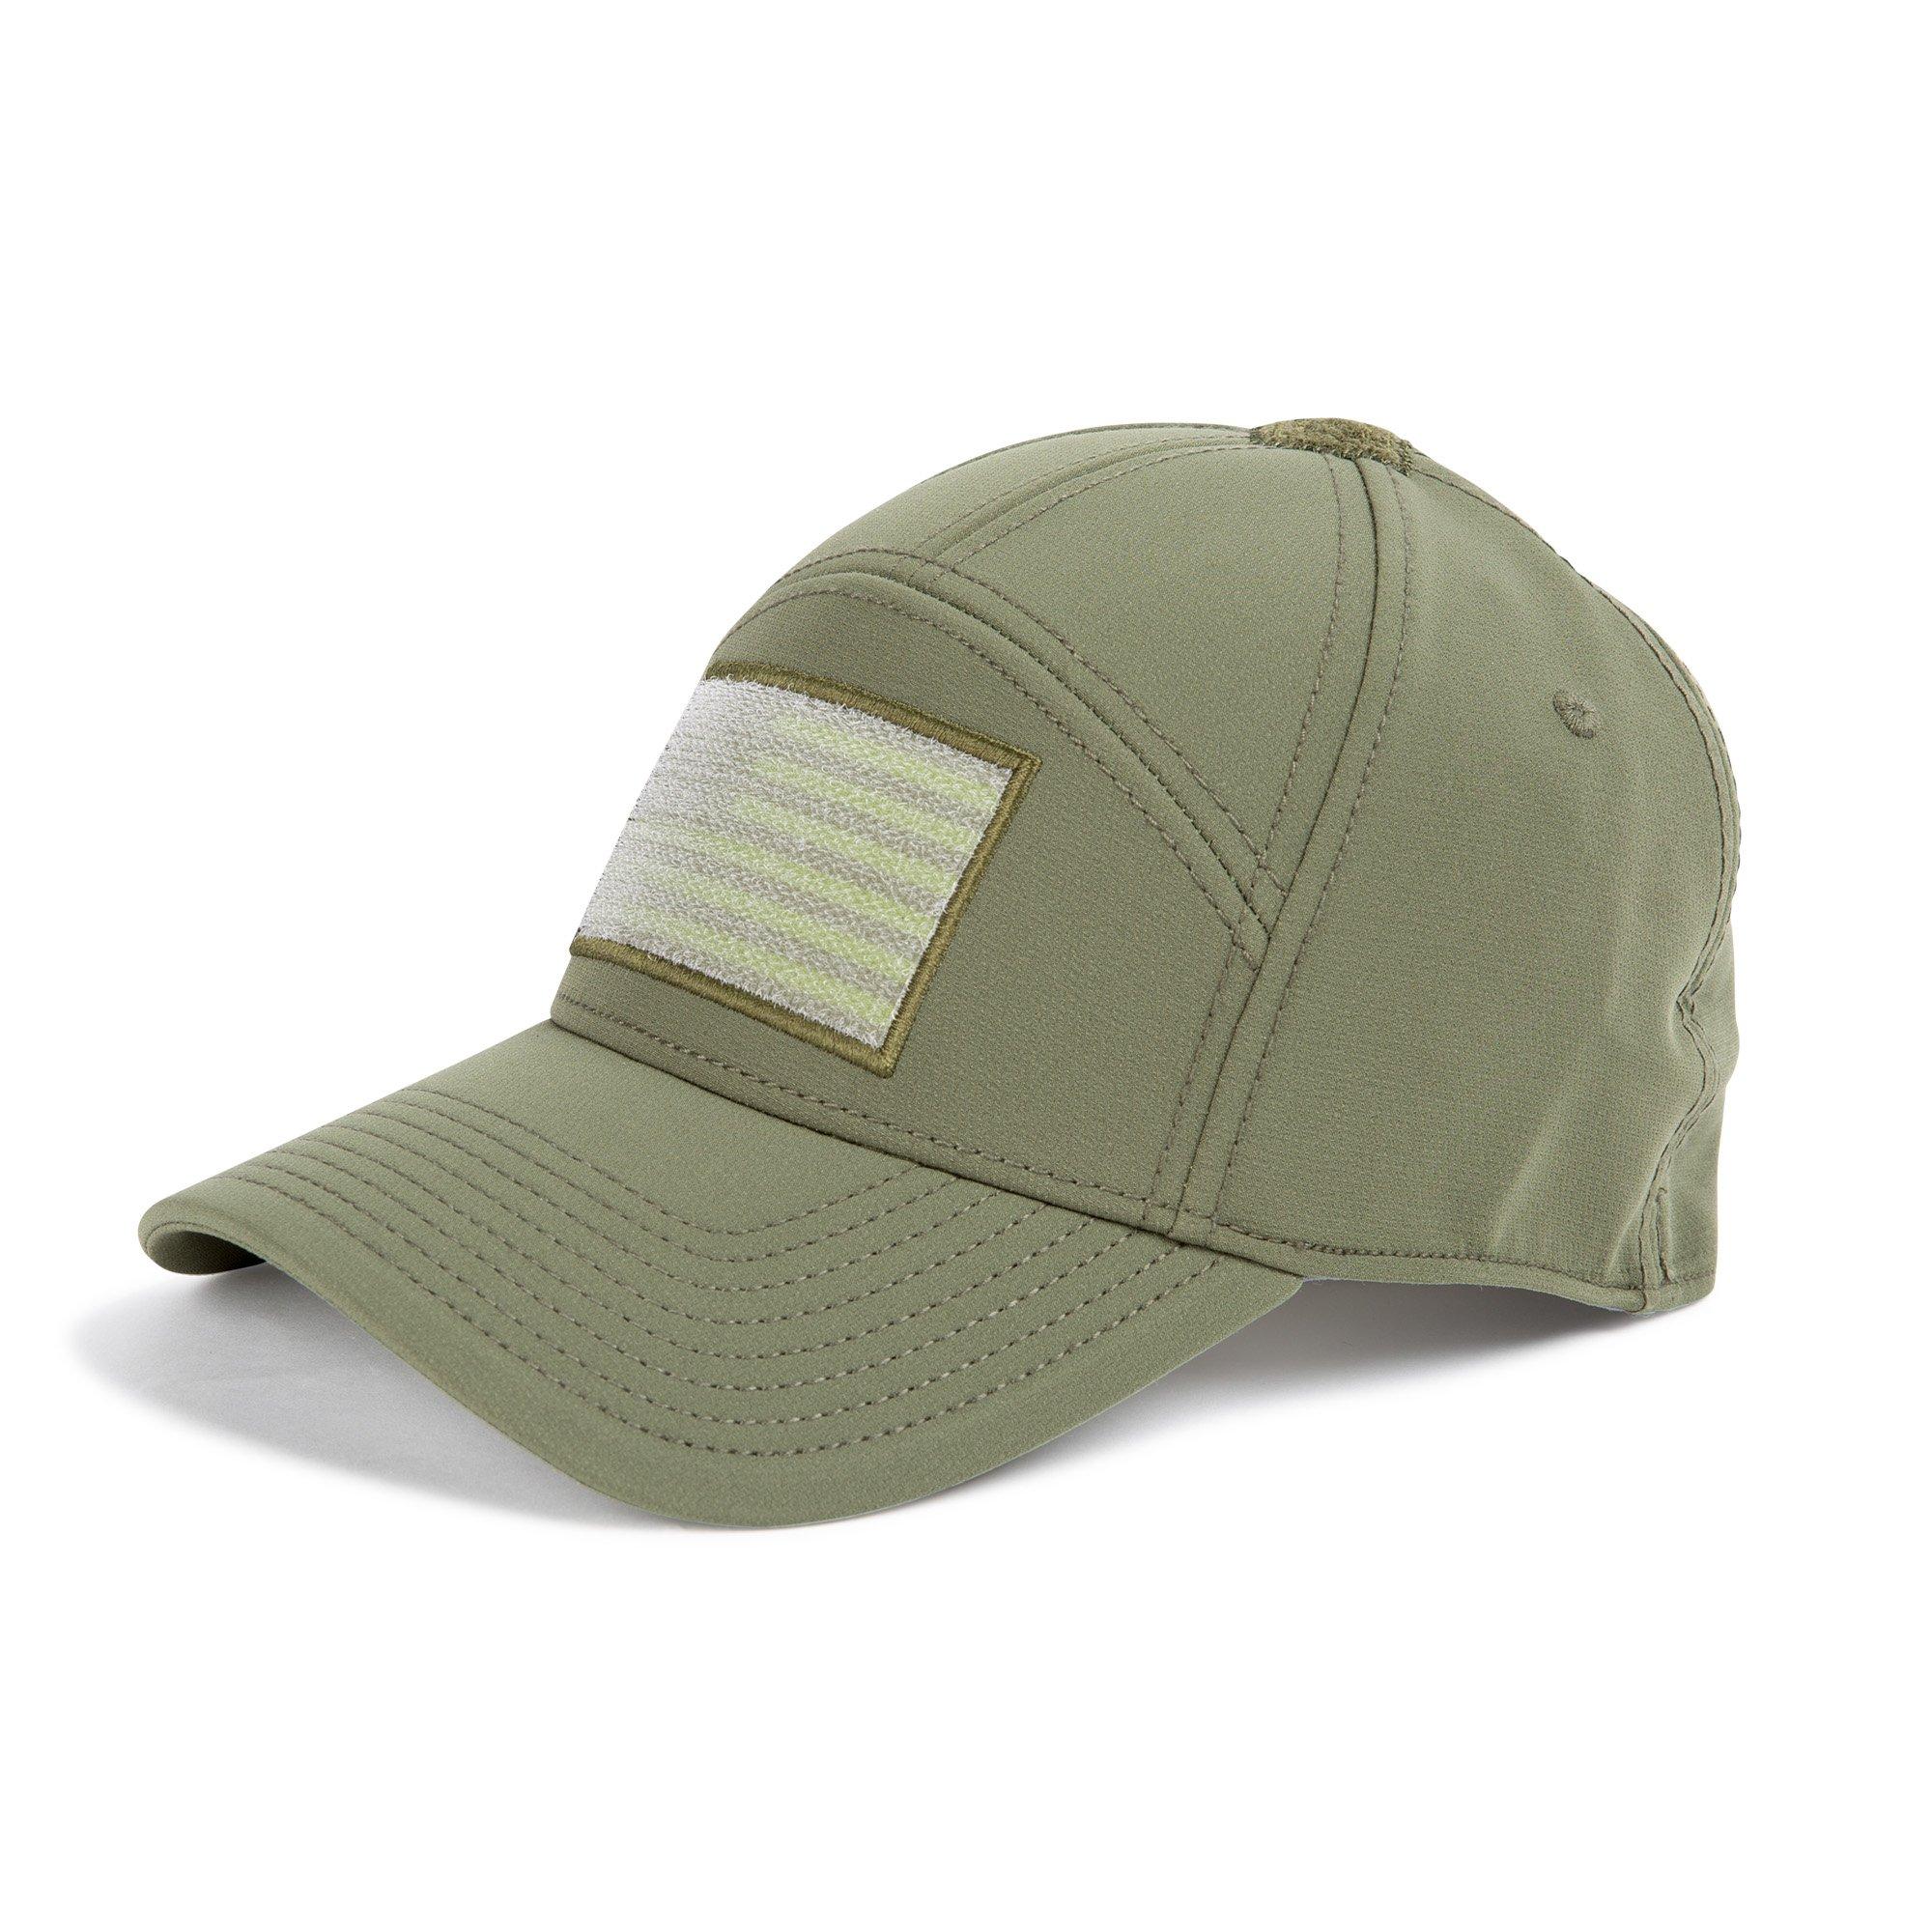 Nón 5.11 Tactical OPERATOR 2.0 A-FLEX CAP – Sage Green